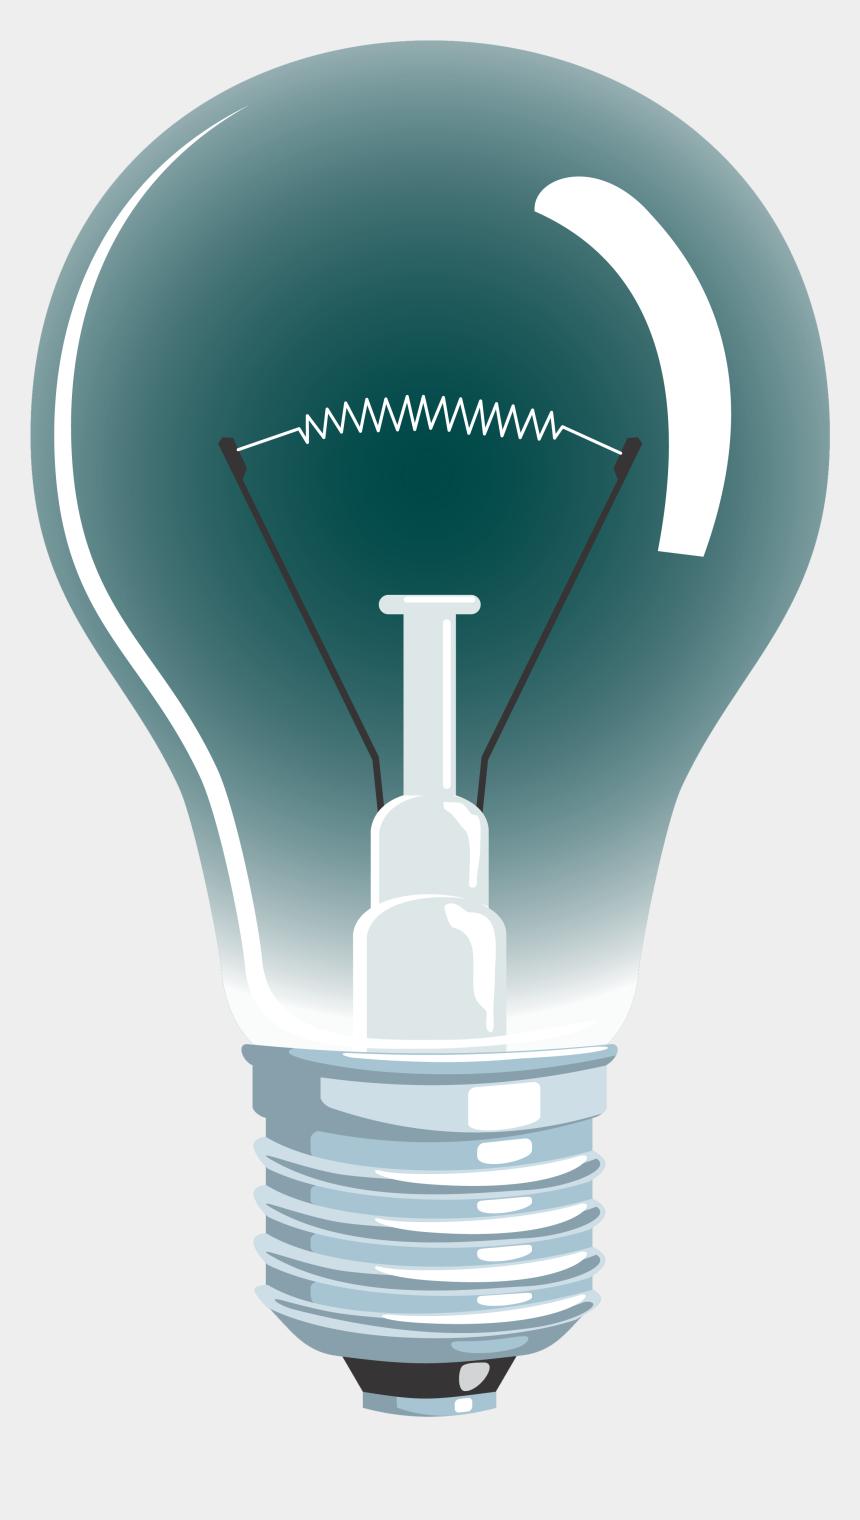 light bulb clipart, Cartoons - Light Bulb, Bulbs, Photoshop, Electric, Clip Art, Bulb - Лампочка Пнг Гиф